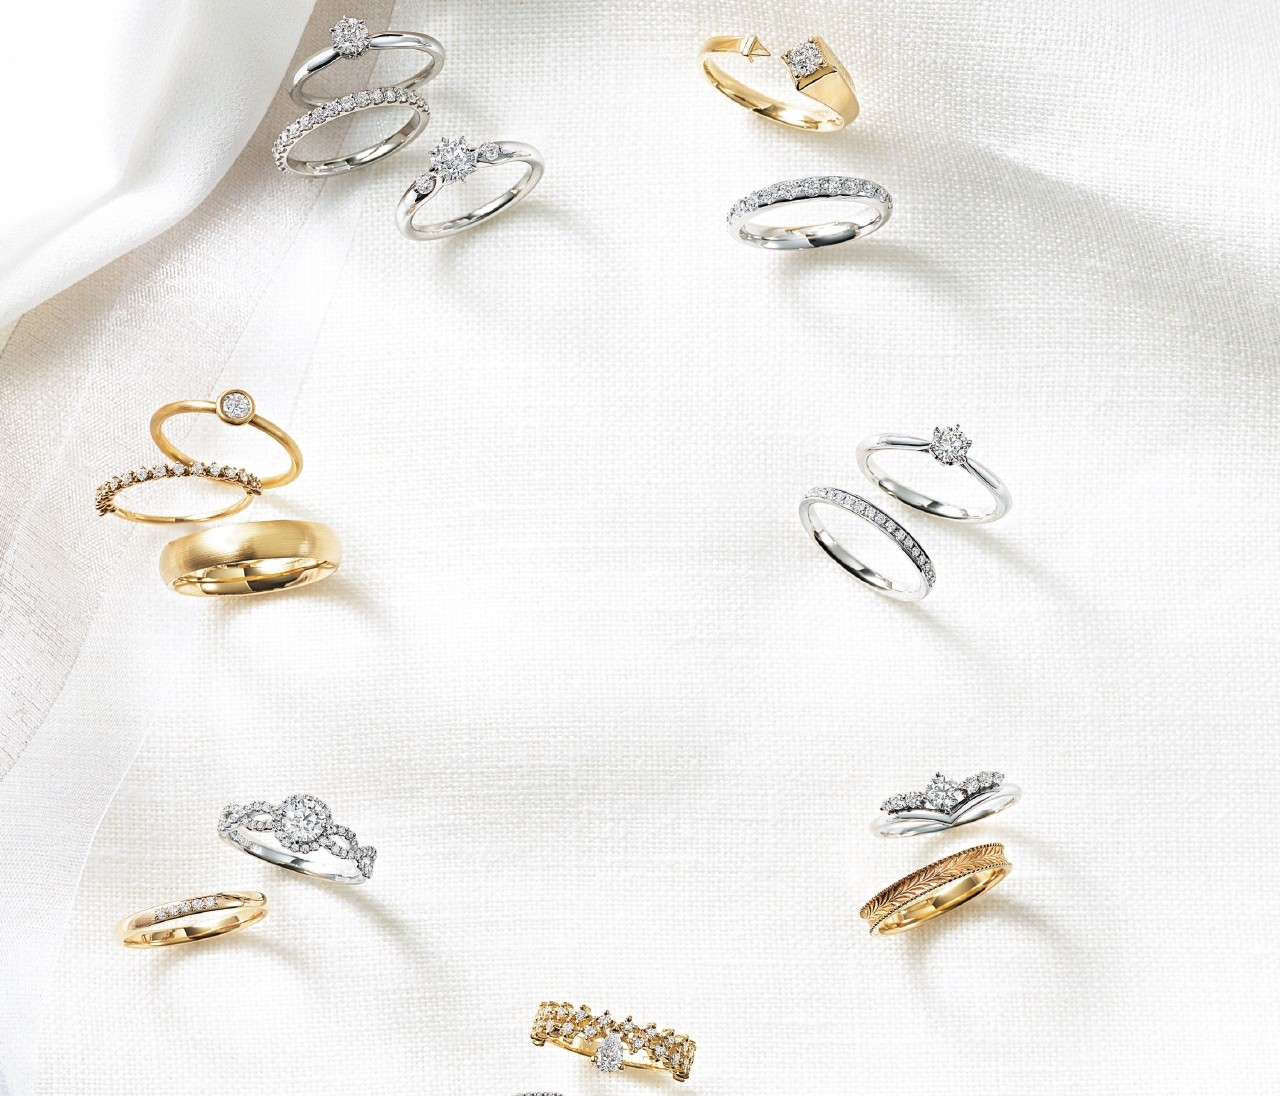 【結婚指輪&婚約指輪】スタージュエリー、ヴァンドーム青山、エテ...おすすめリング16選!